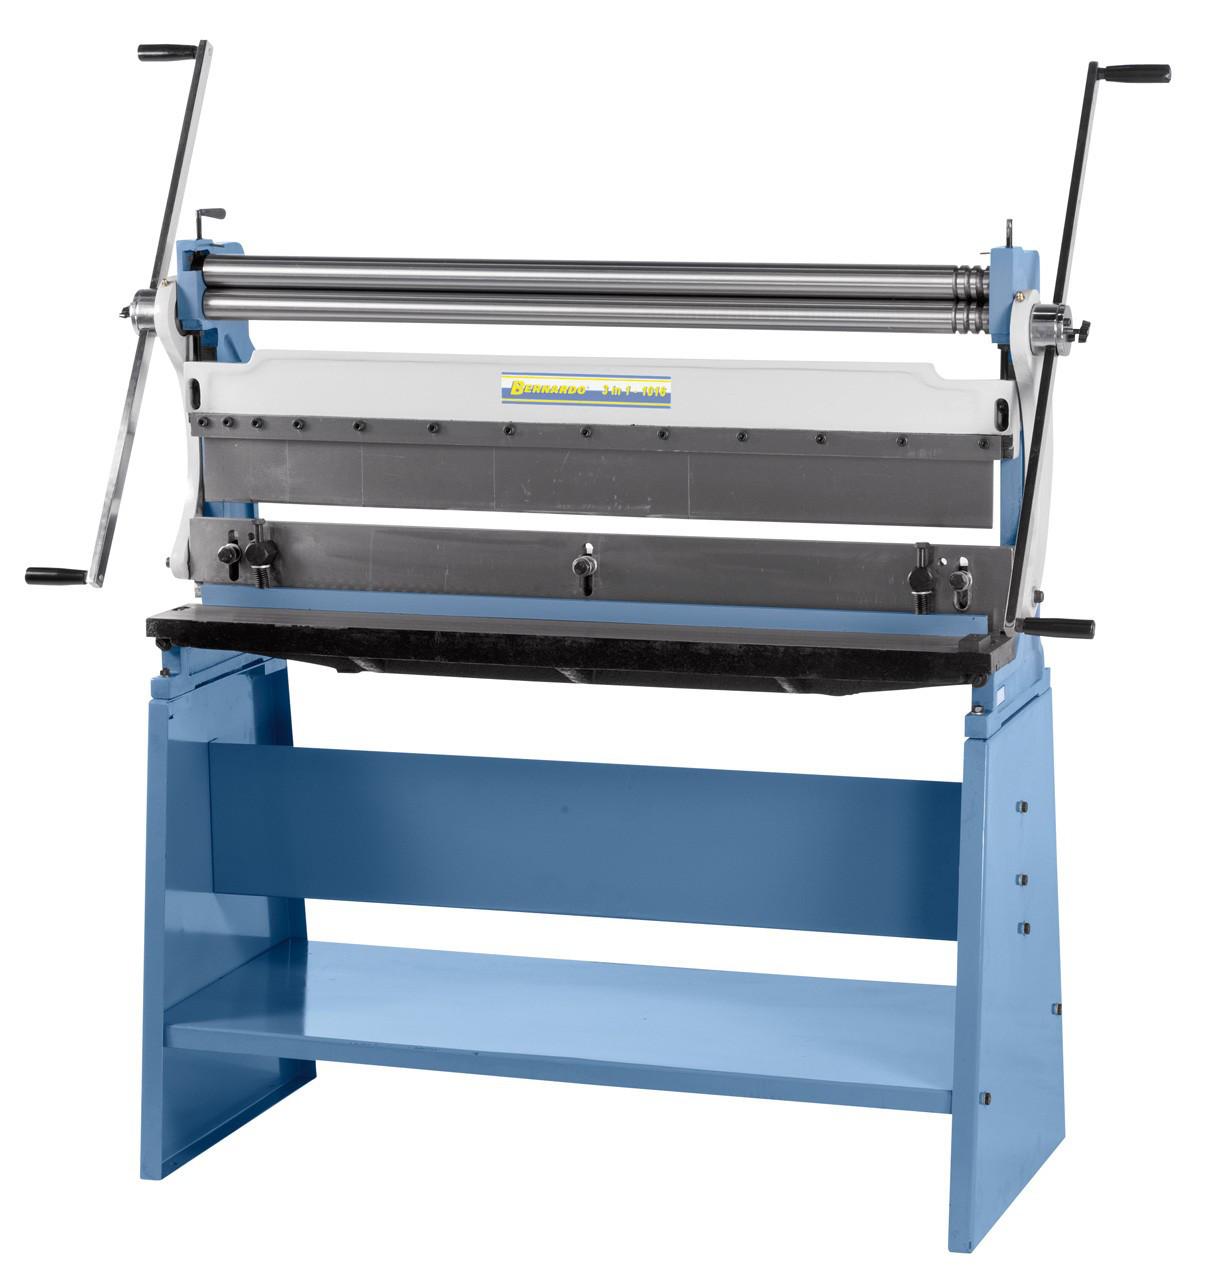 3 в 1 комбинированный сегментный листогибочный станок  Bernardo 1016 мм | Листогиб Вальцы Гильотина